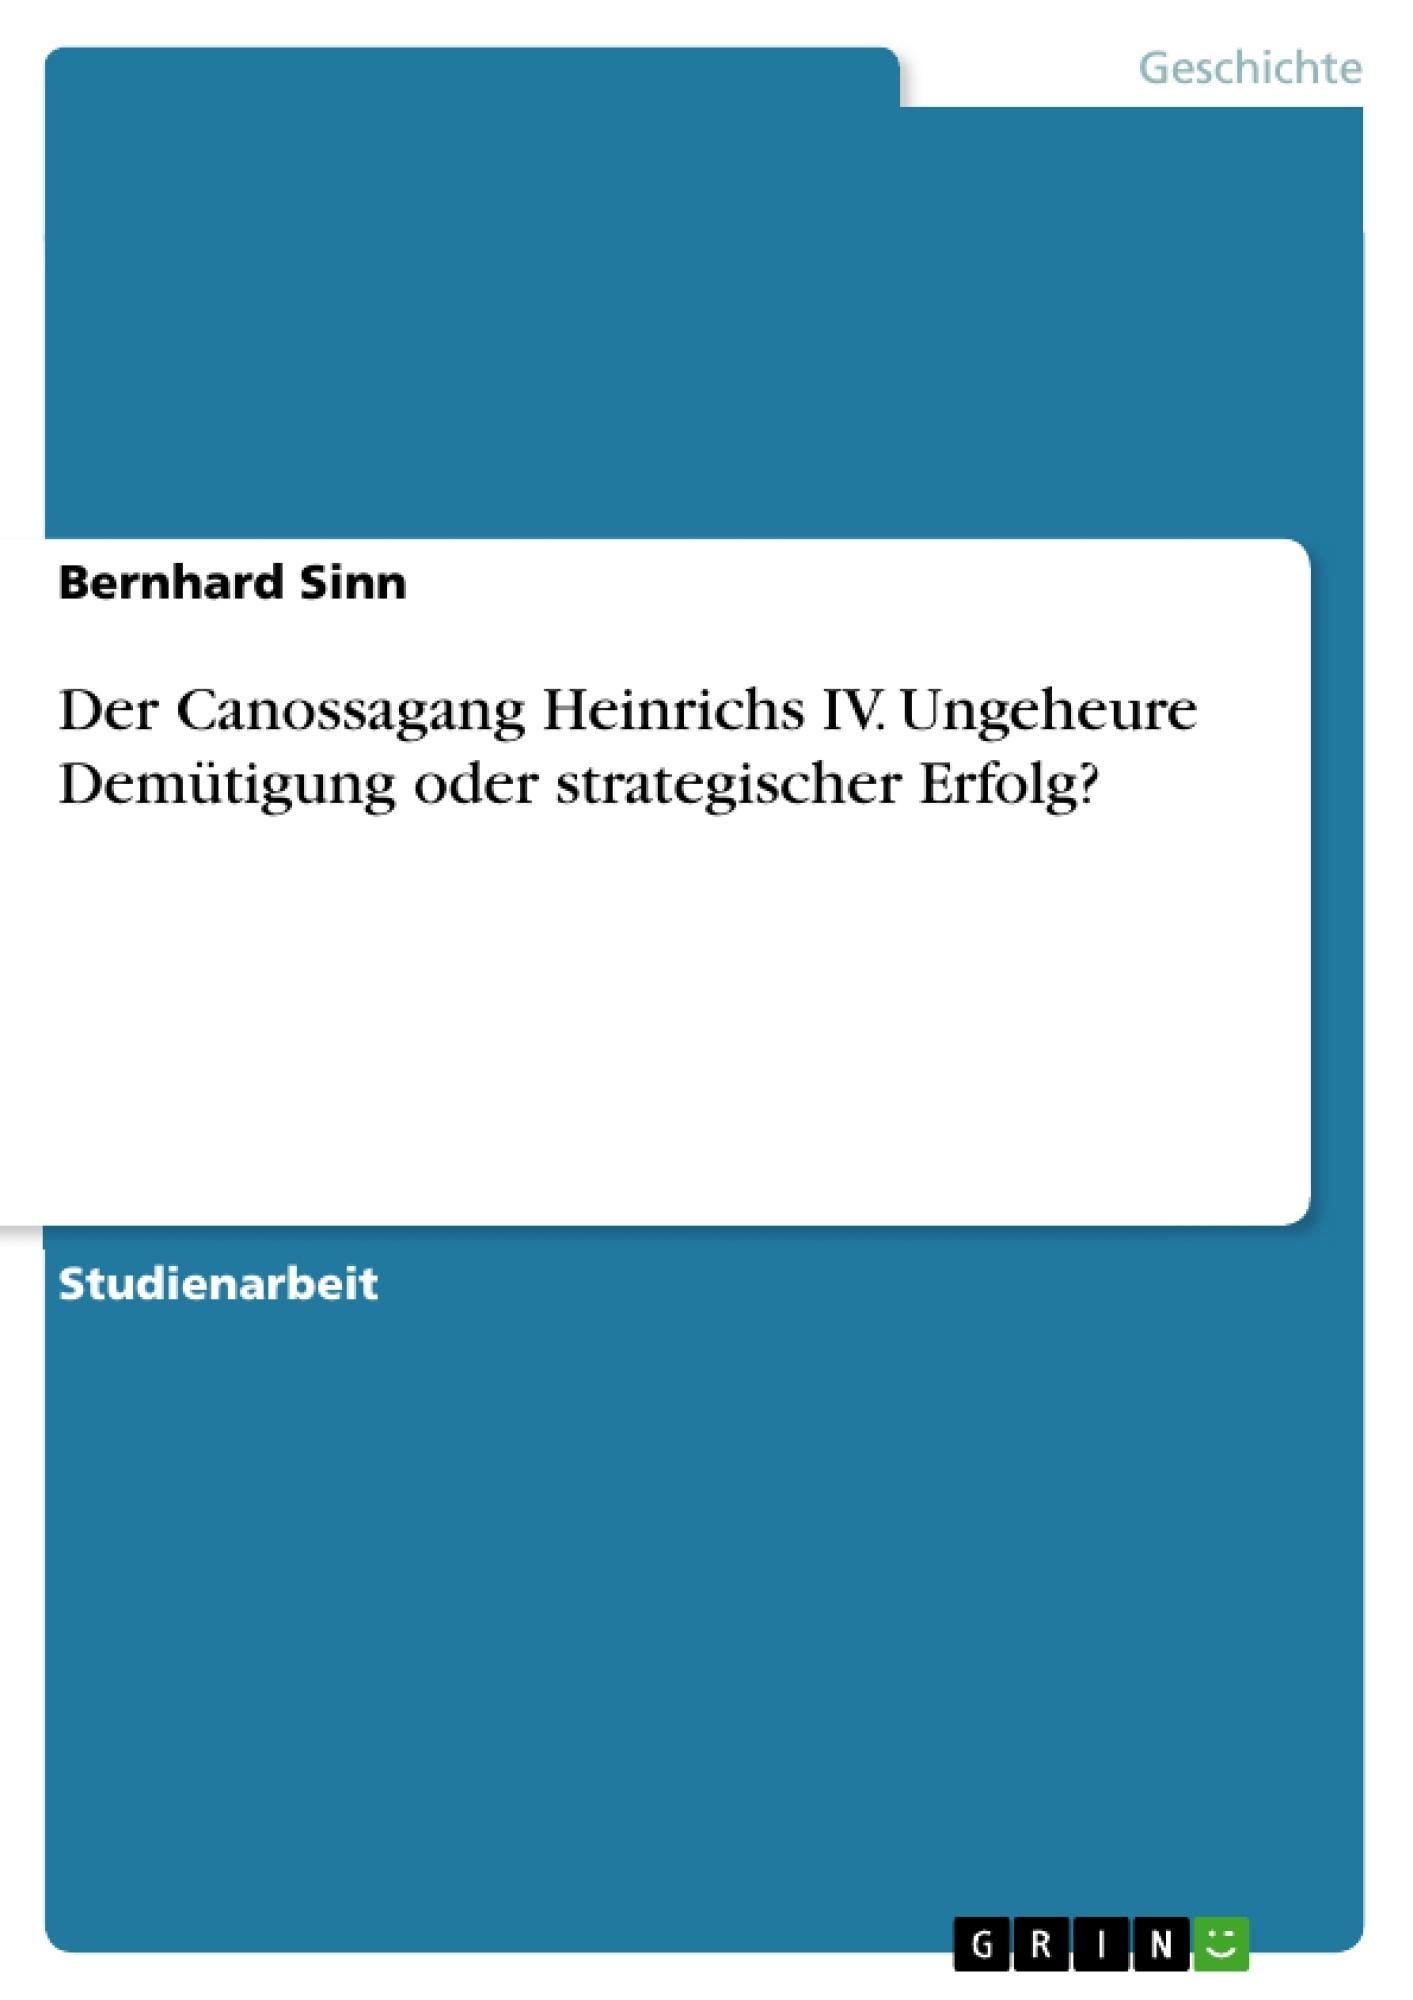 Titel: Der Canossagang Heinrichs IV. Ungeheure Demütigung oder strategischer Erfolg?